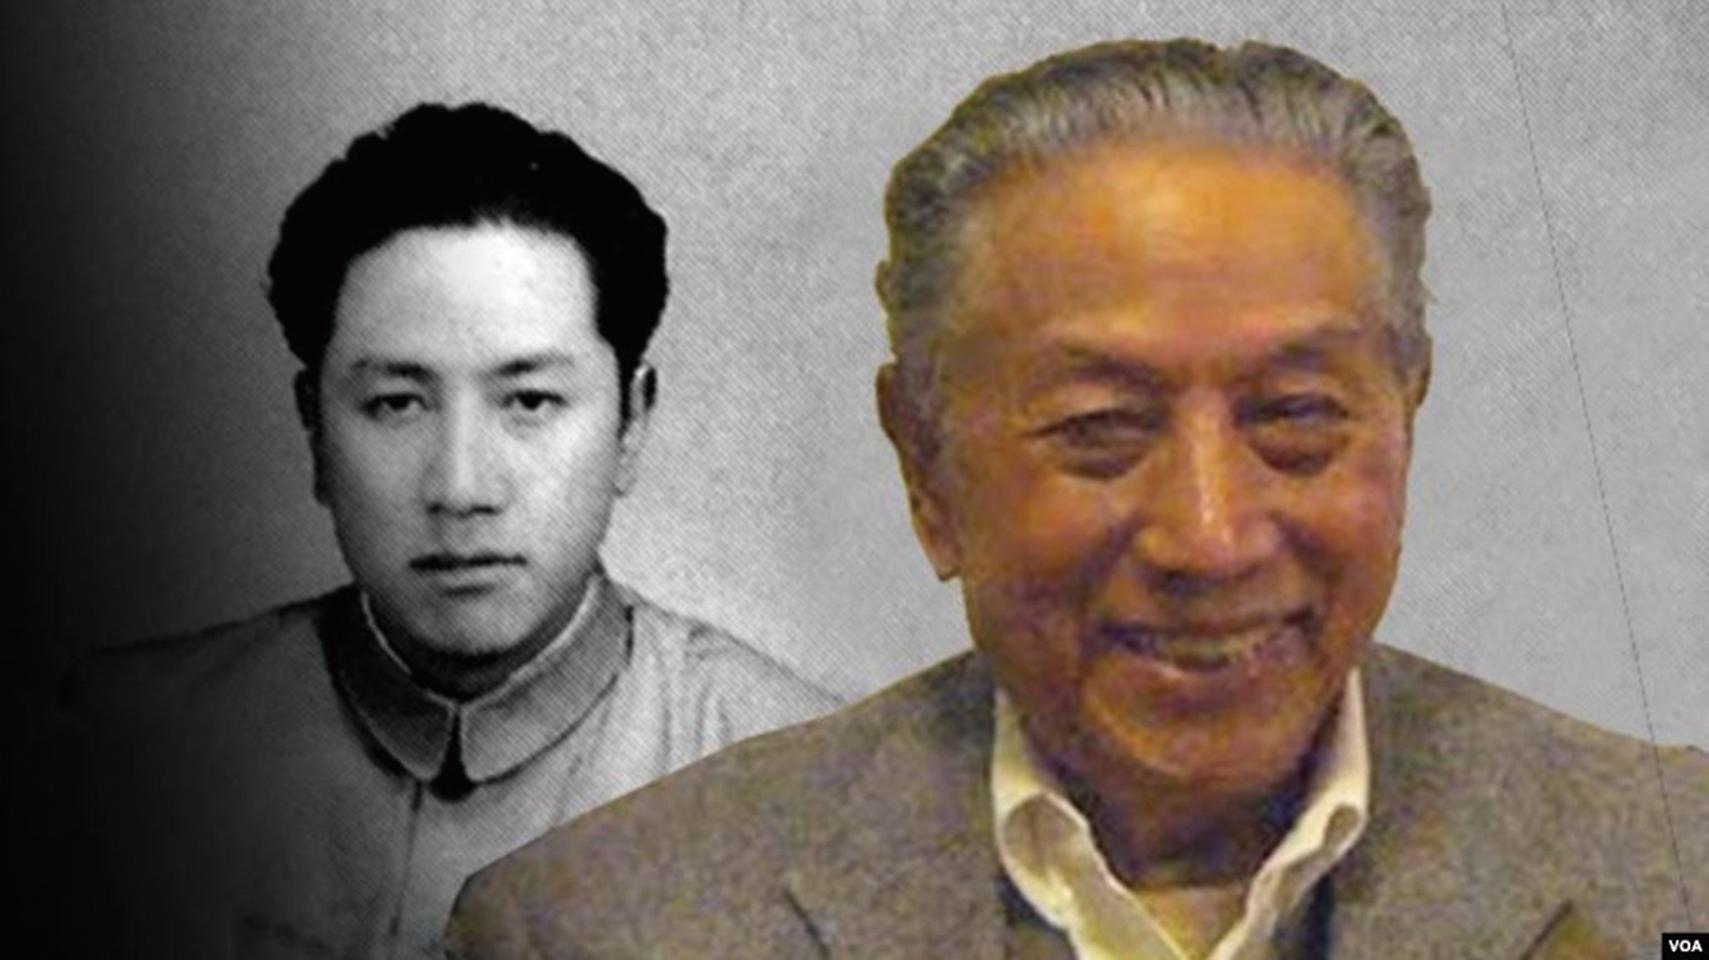 平措旺傑(如圖,後者為年輕時)是個傳奇人物。他的一生,就是毛澤東和鄧小平兩個帝國邊疆政策反覆過程的一面鏡子。(美國之音)